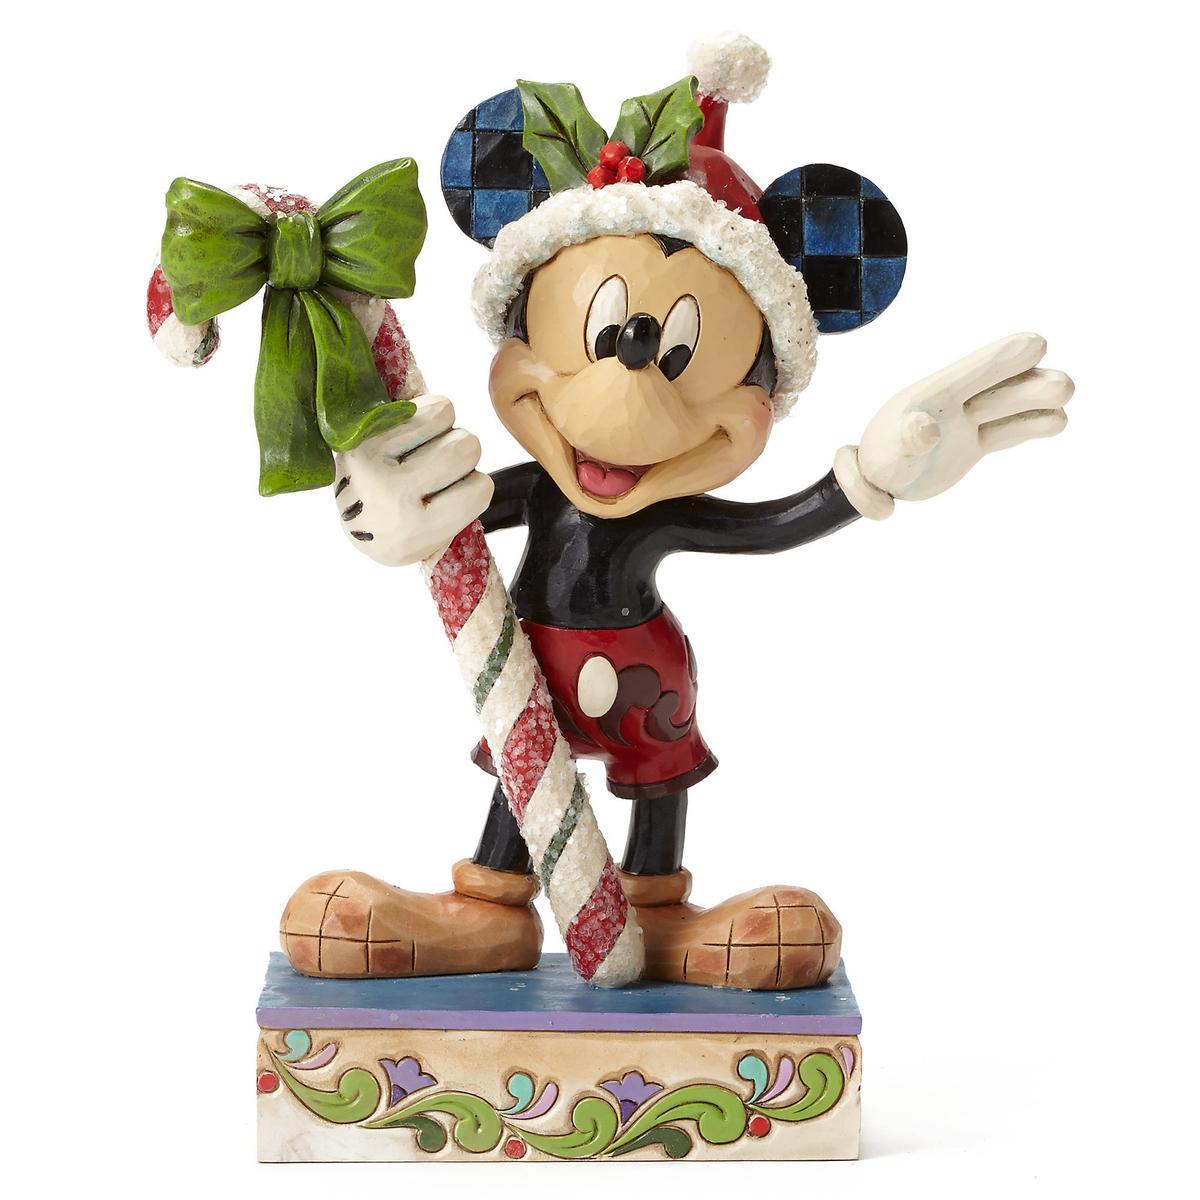 ジムショア ディズニー フィギュア ミッキーマウス サンタクロース クリスマス インテリア ギフト